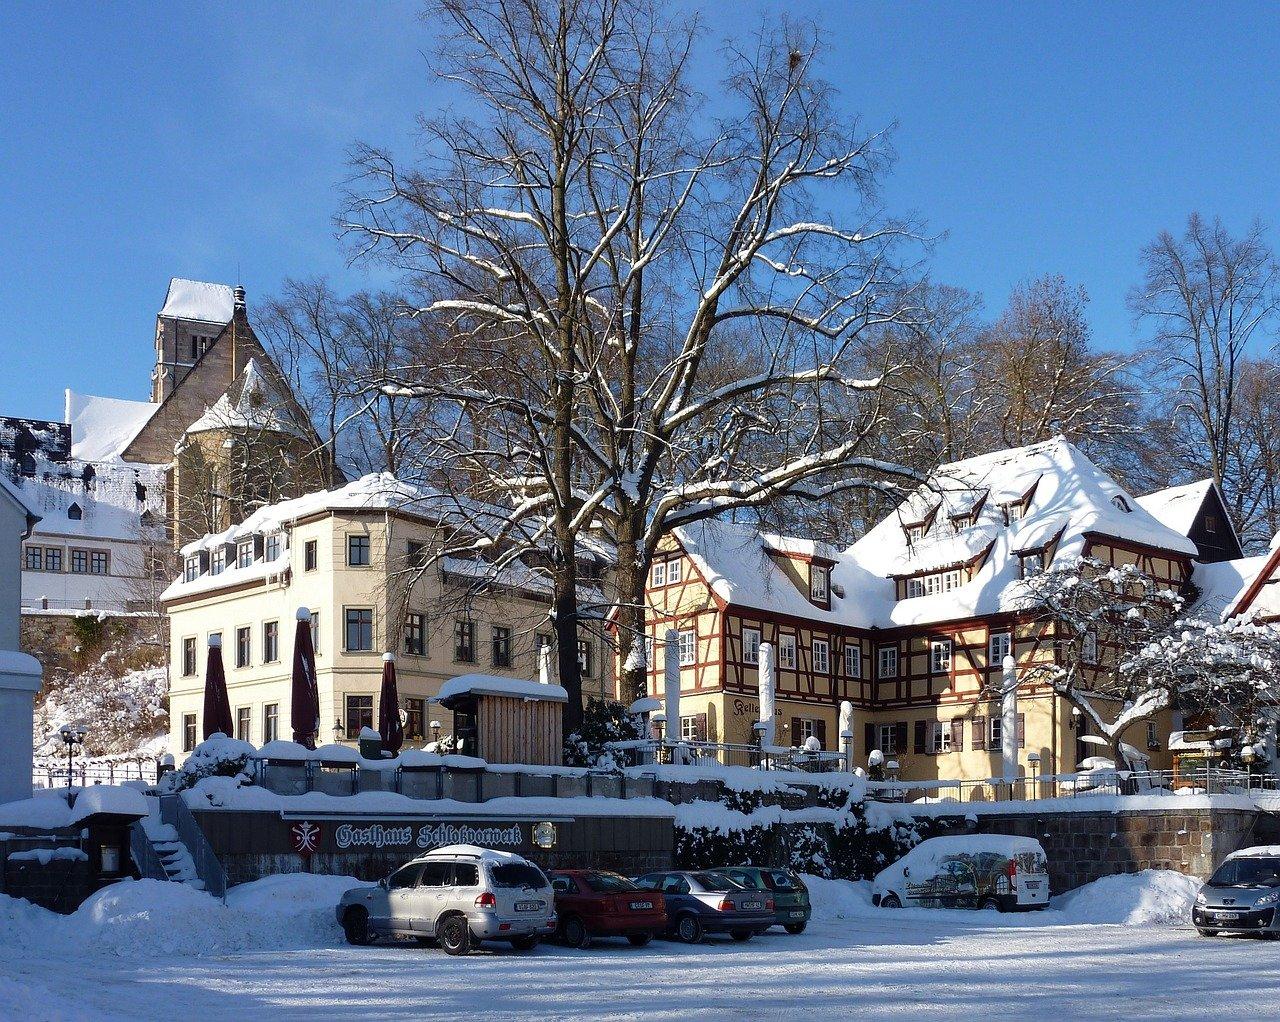 Chemnitz Steckbrief & Bilder